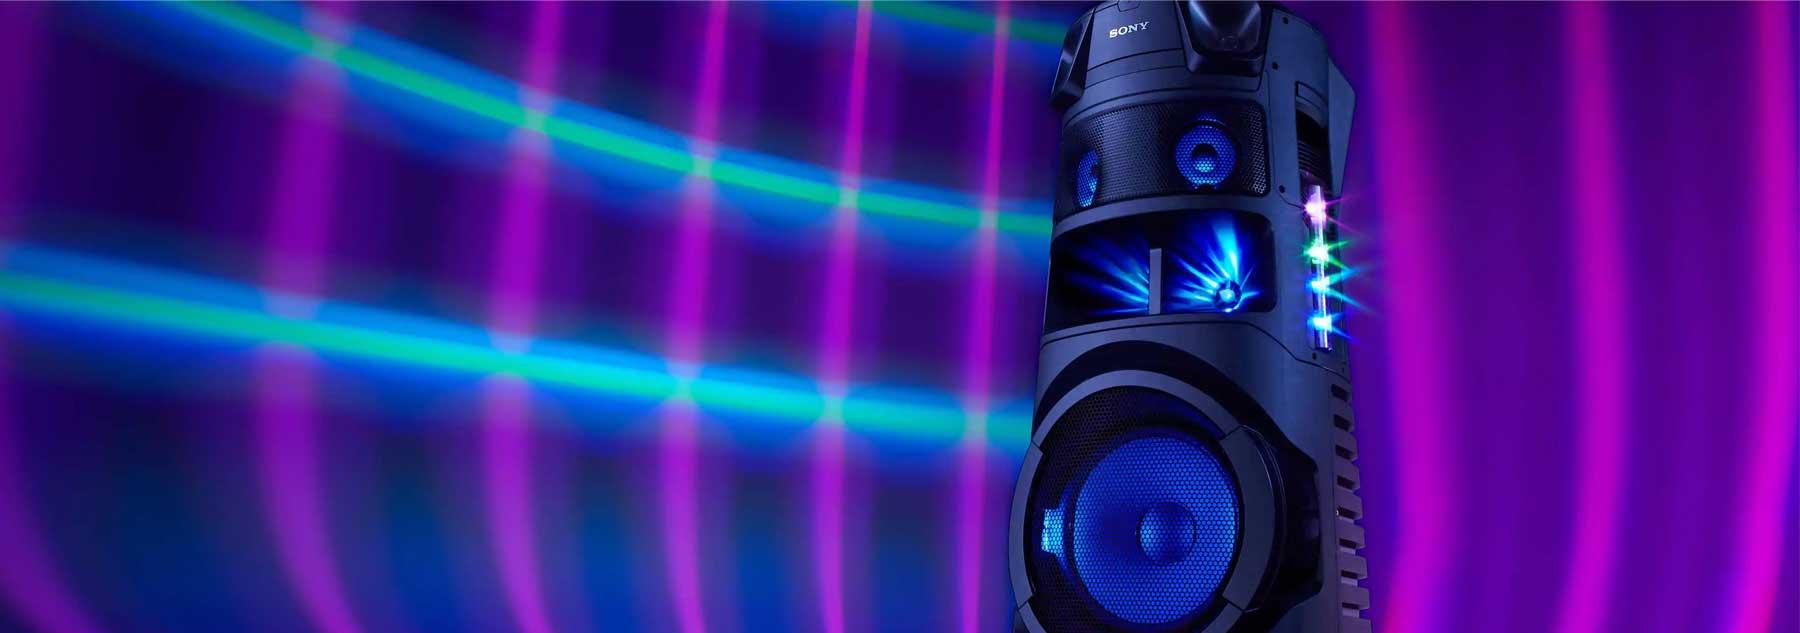 بررسی مختصر سیستم صوتی سونی V83D